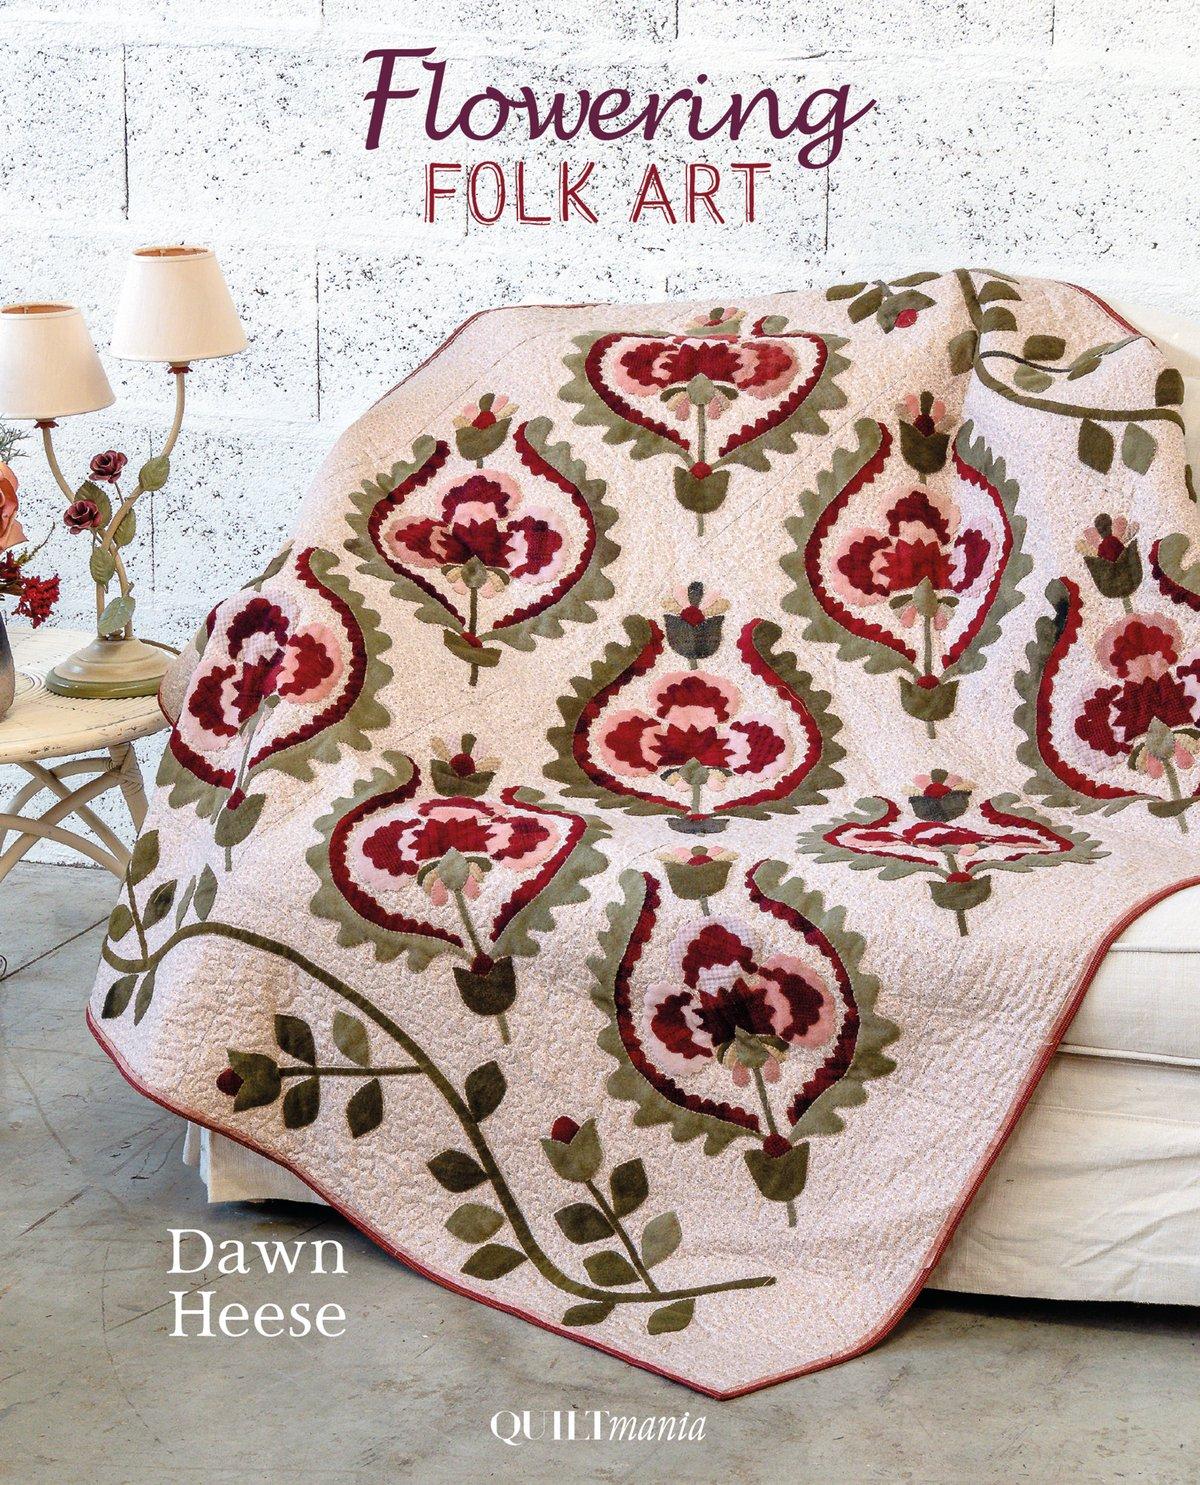 Flowering Folk Art